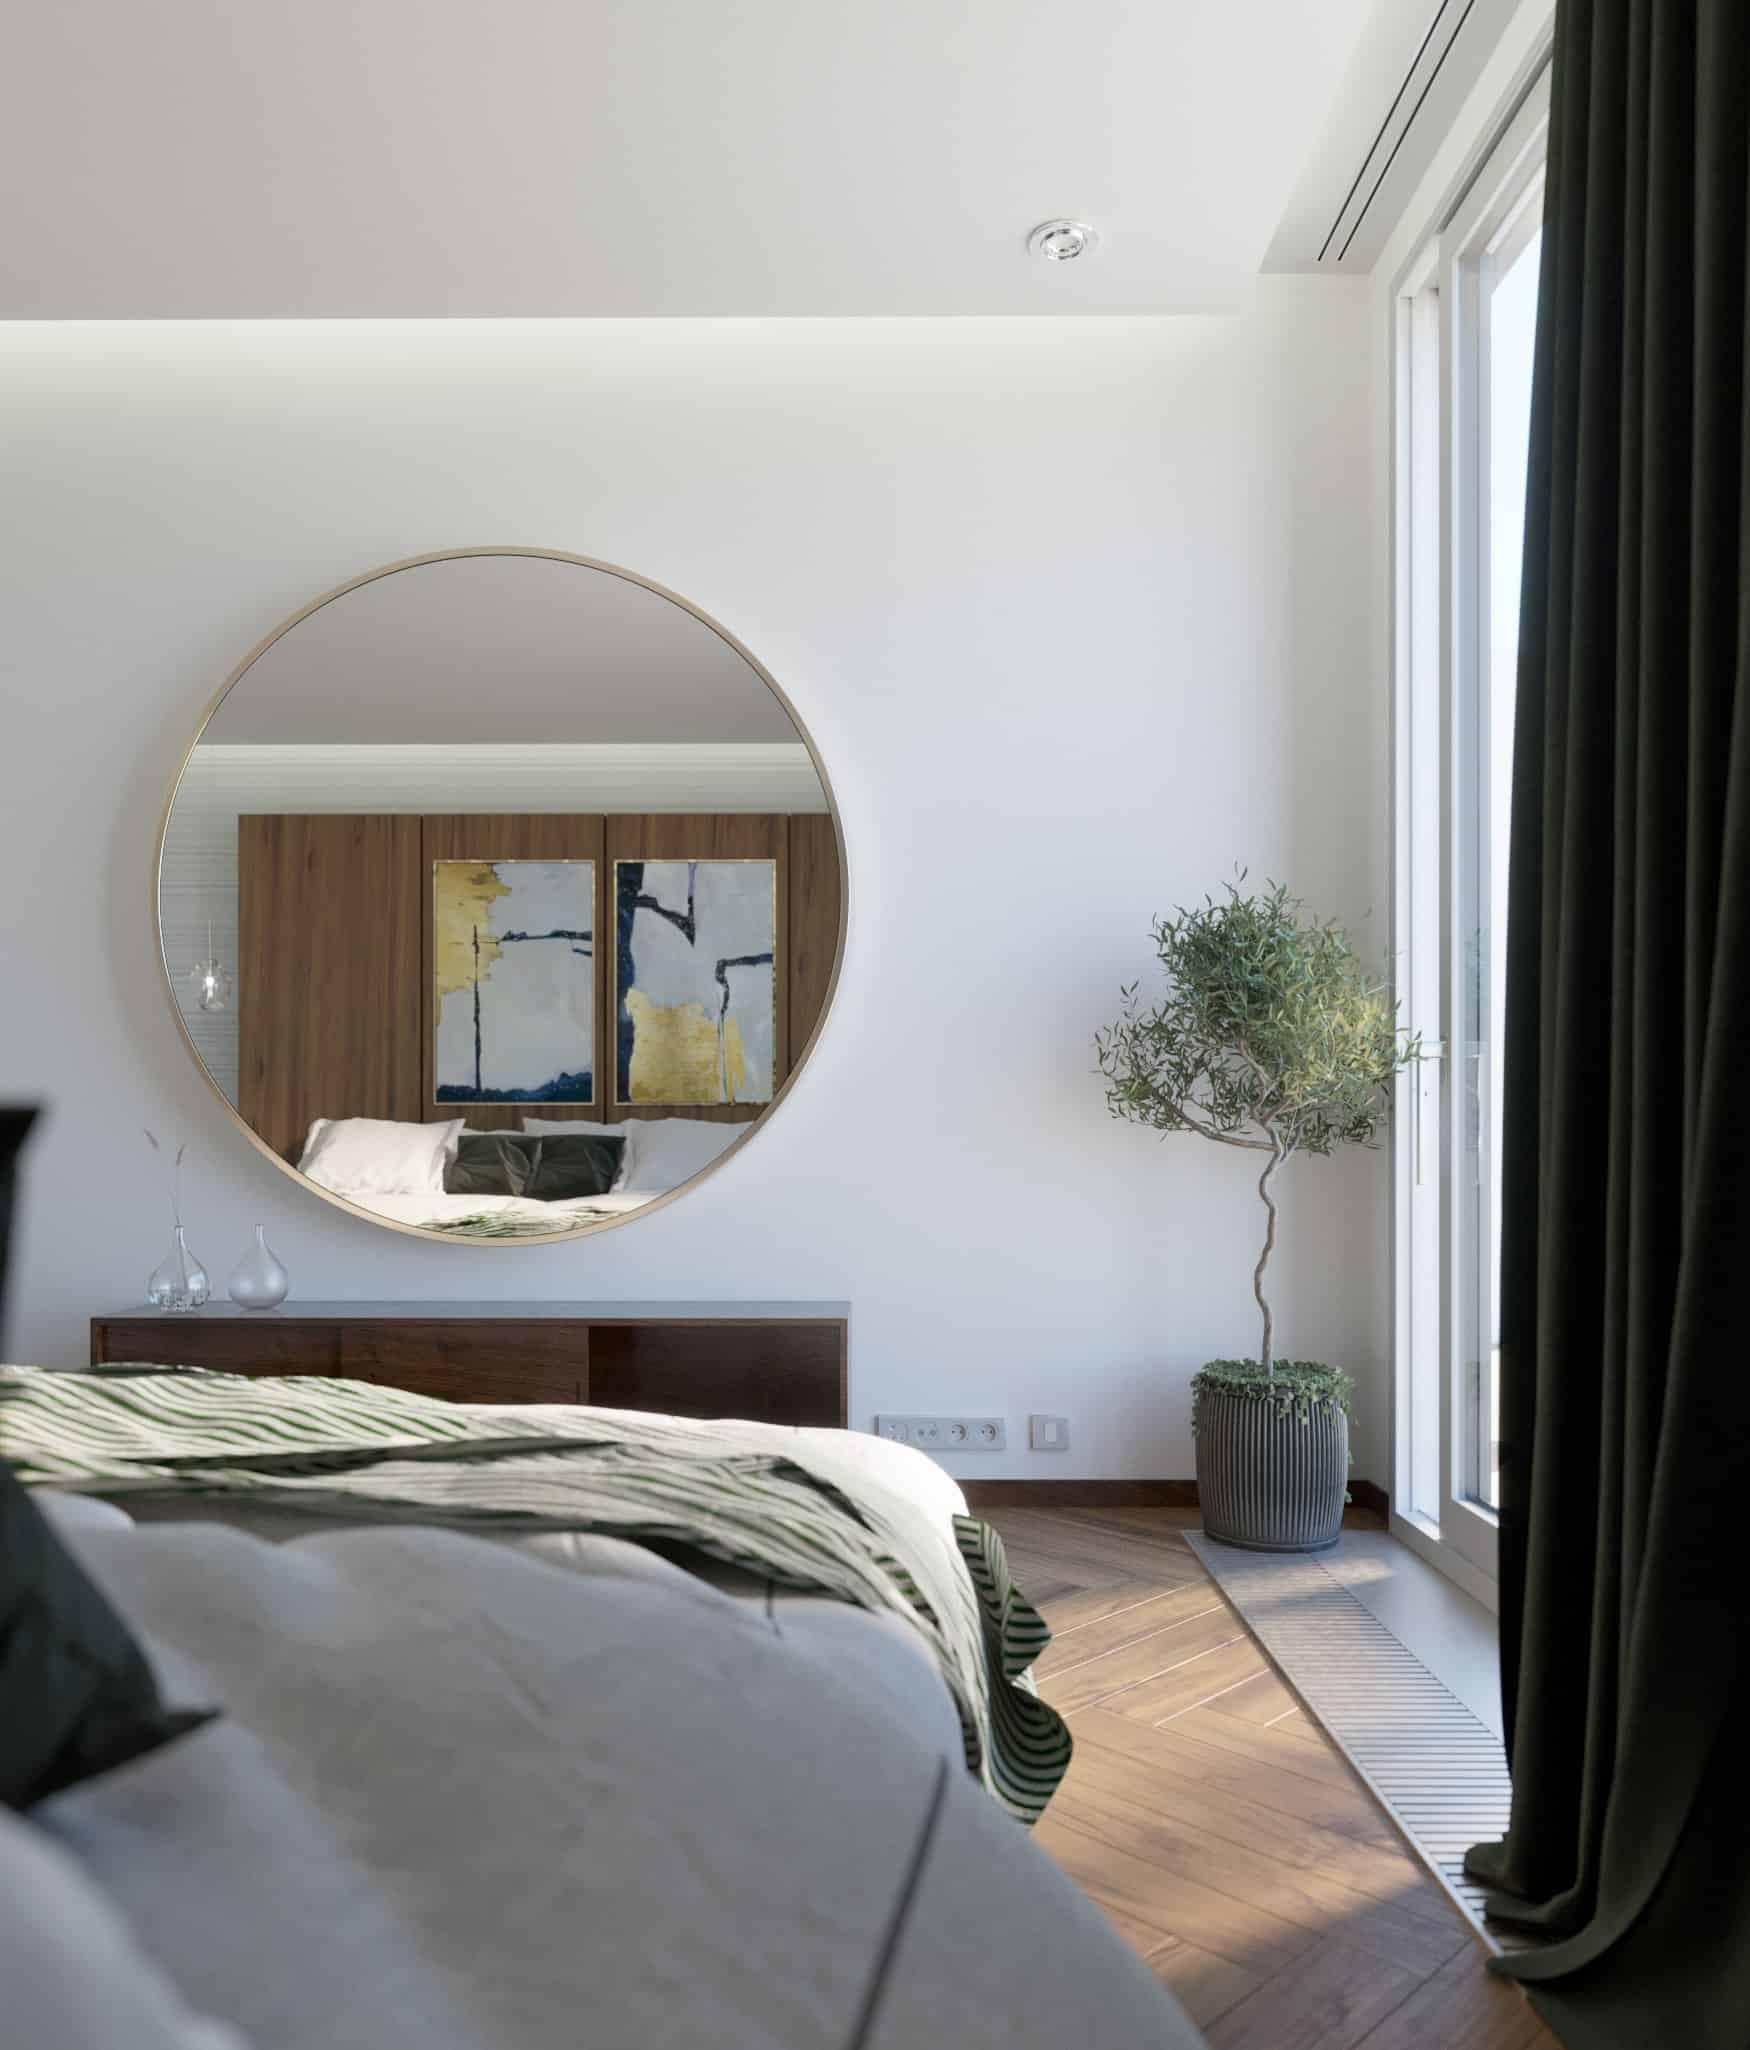 Rénovation design intérieur par INJ ARCHITECTS